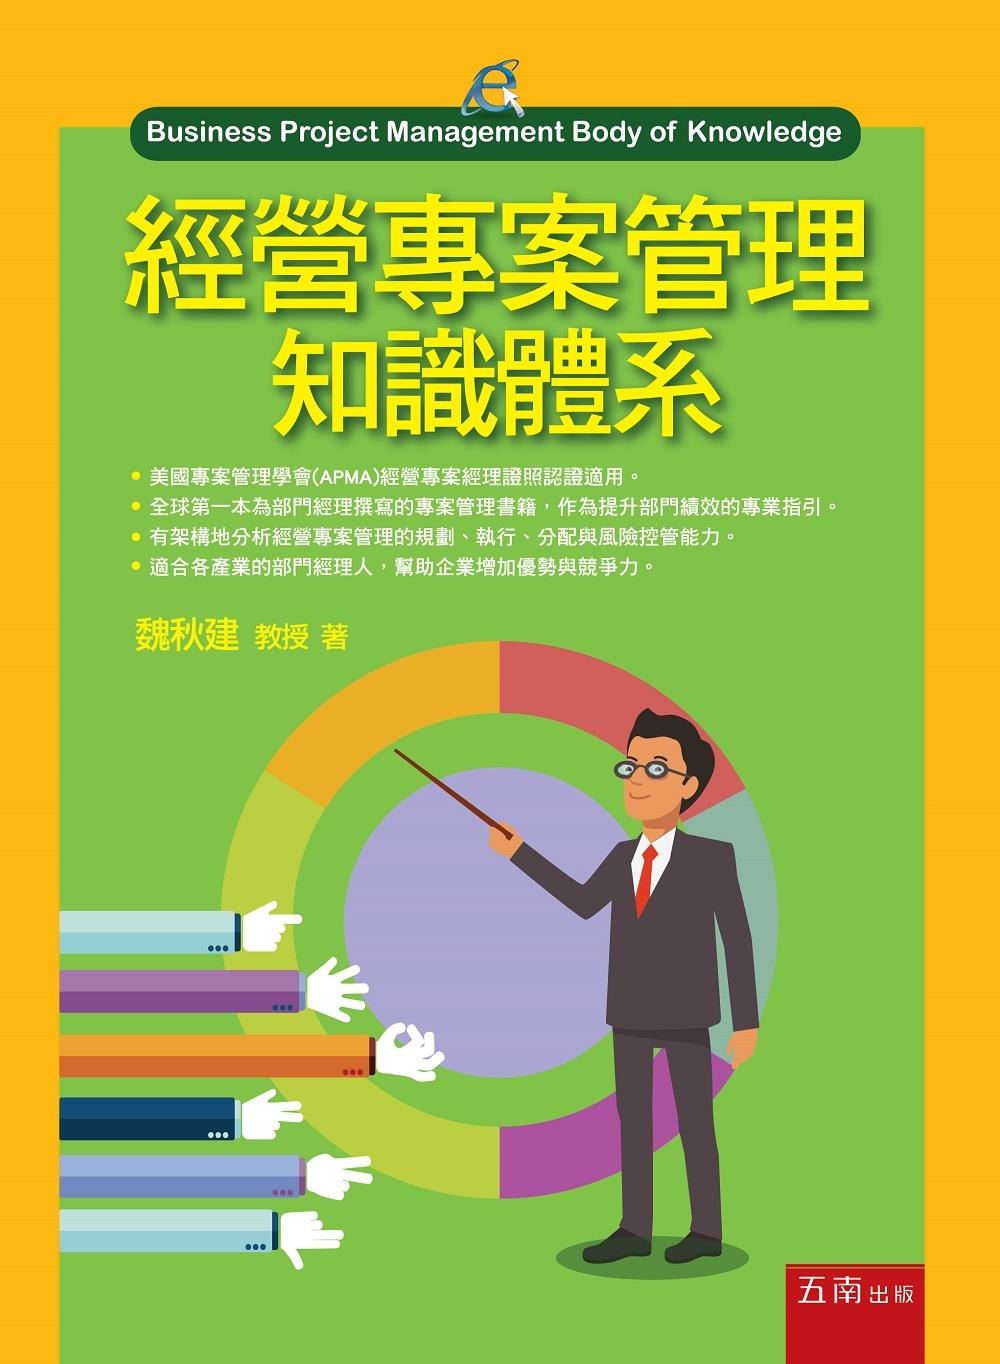 《經營專案管理知識體系》 商品條碼,ISBN:9789571195858